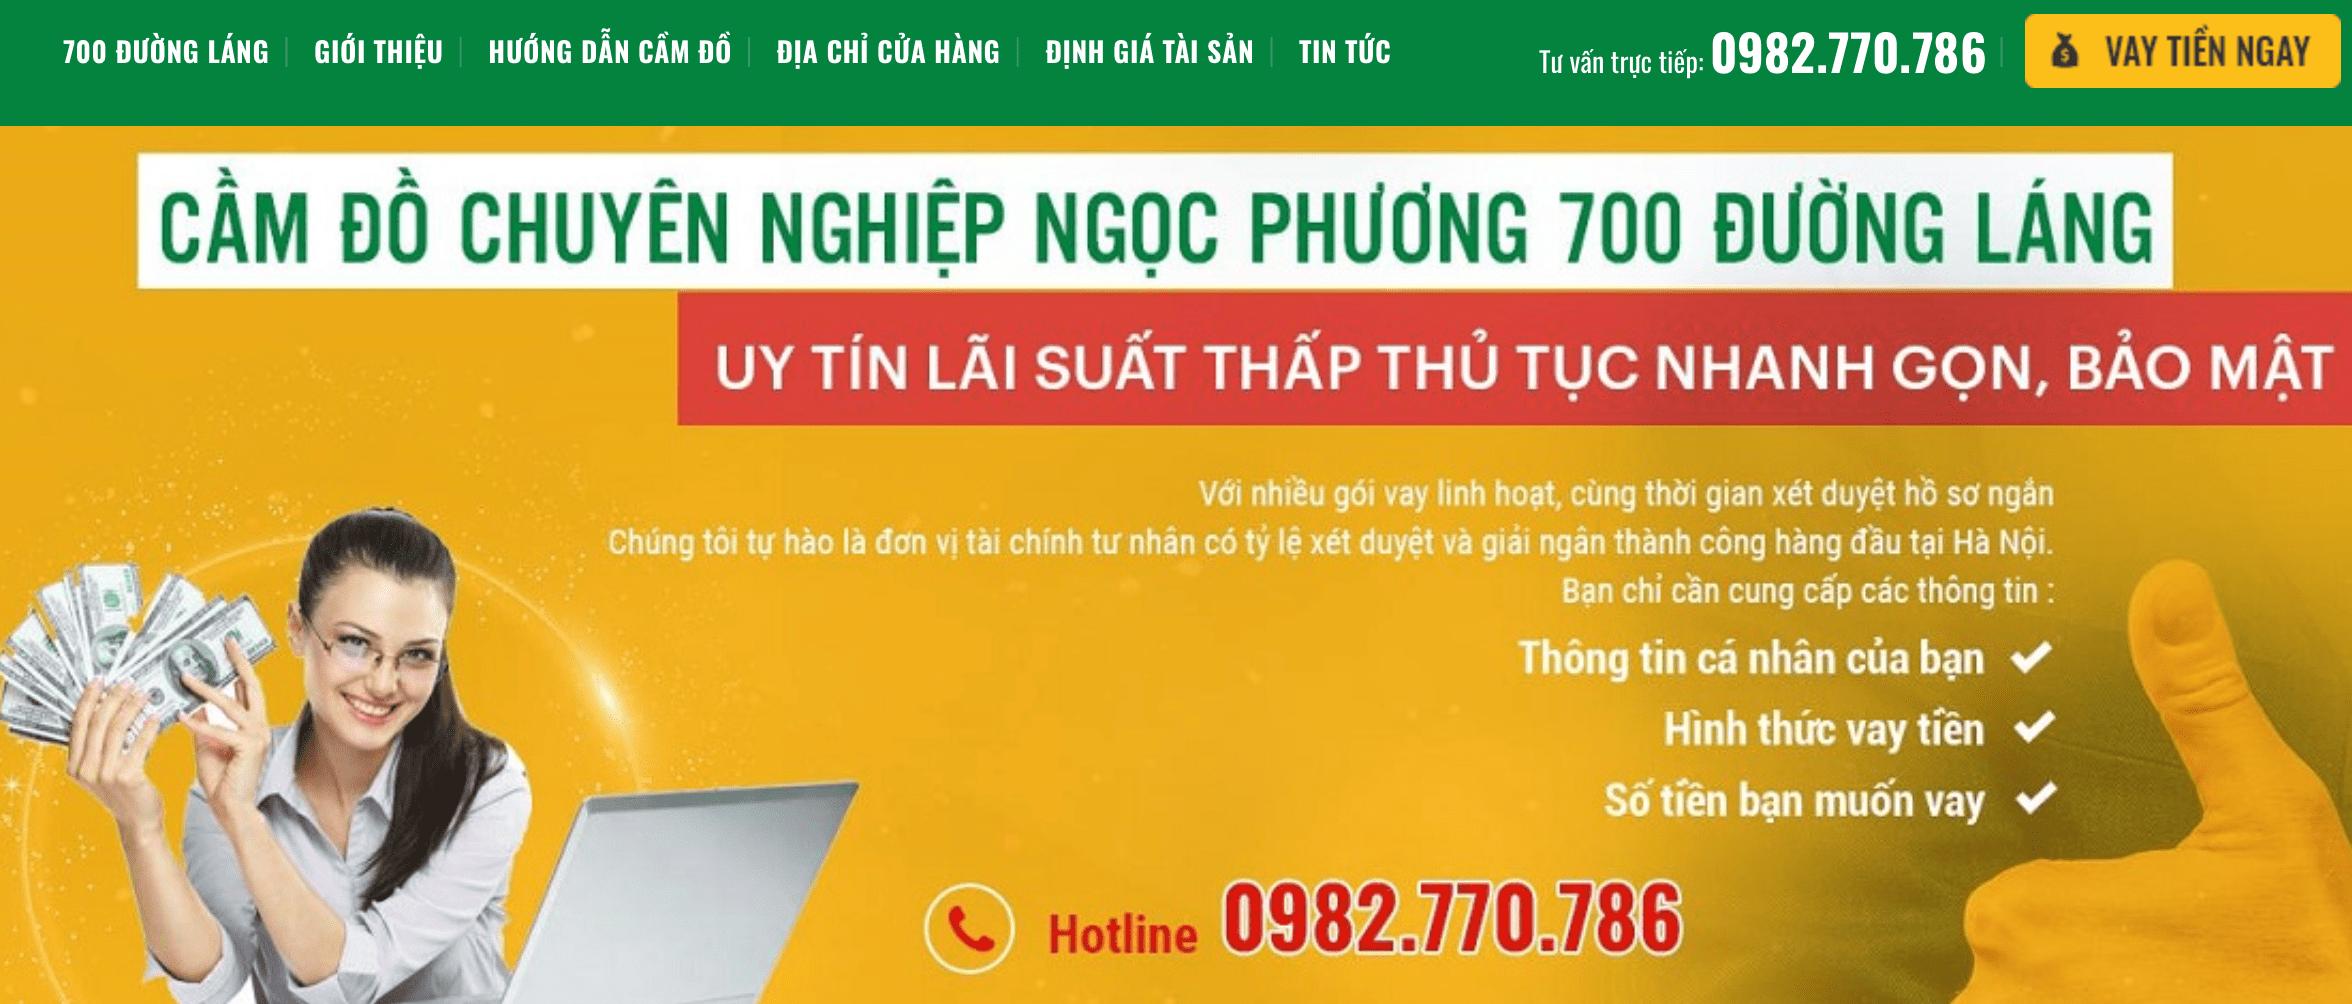 tiệm cầm đồ Hà Nội